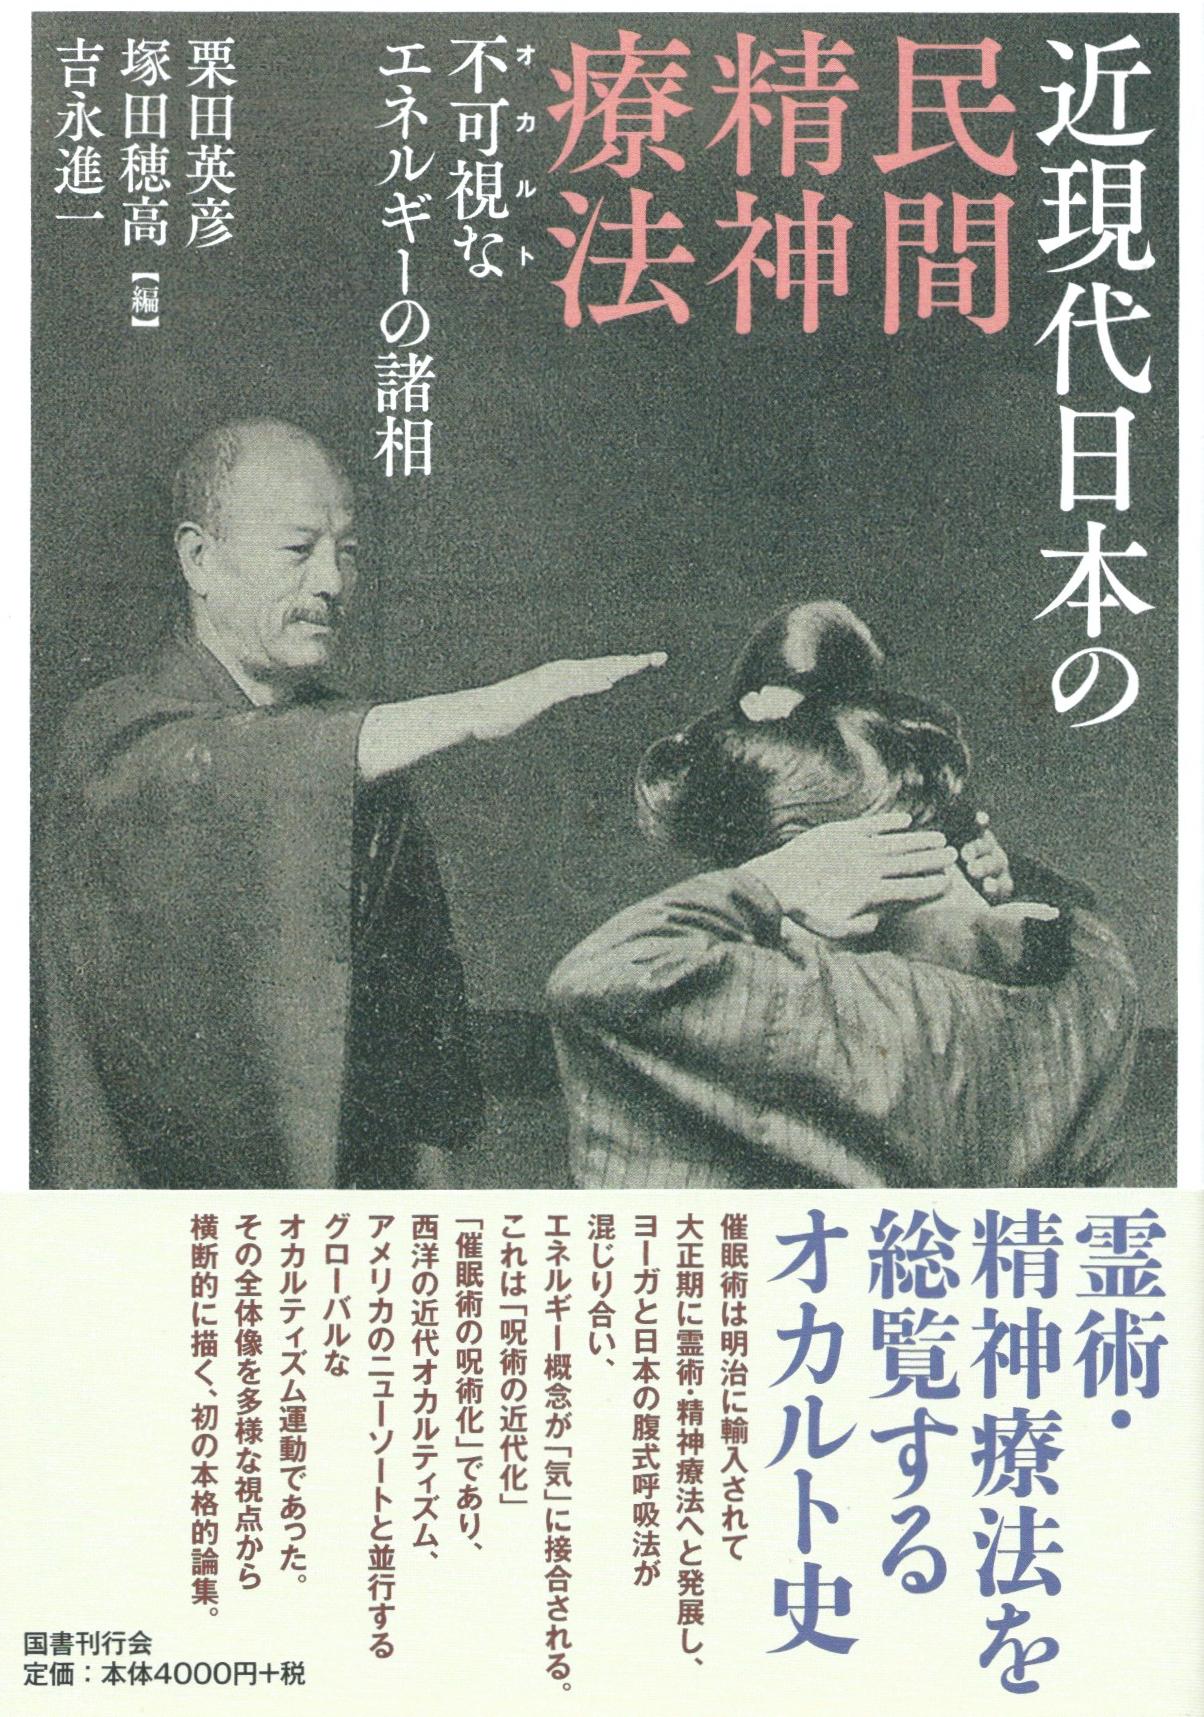 近現代日本の民間精神療法 不可視な(オカルト)エネルギーの諸相